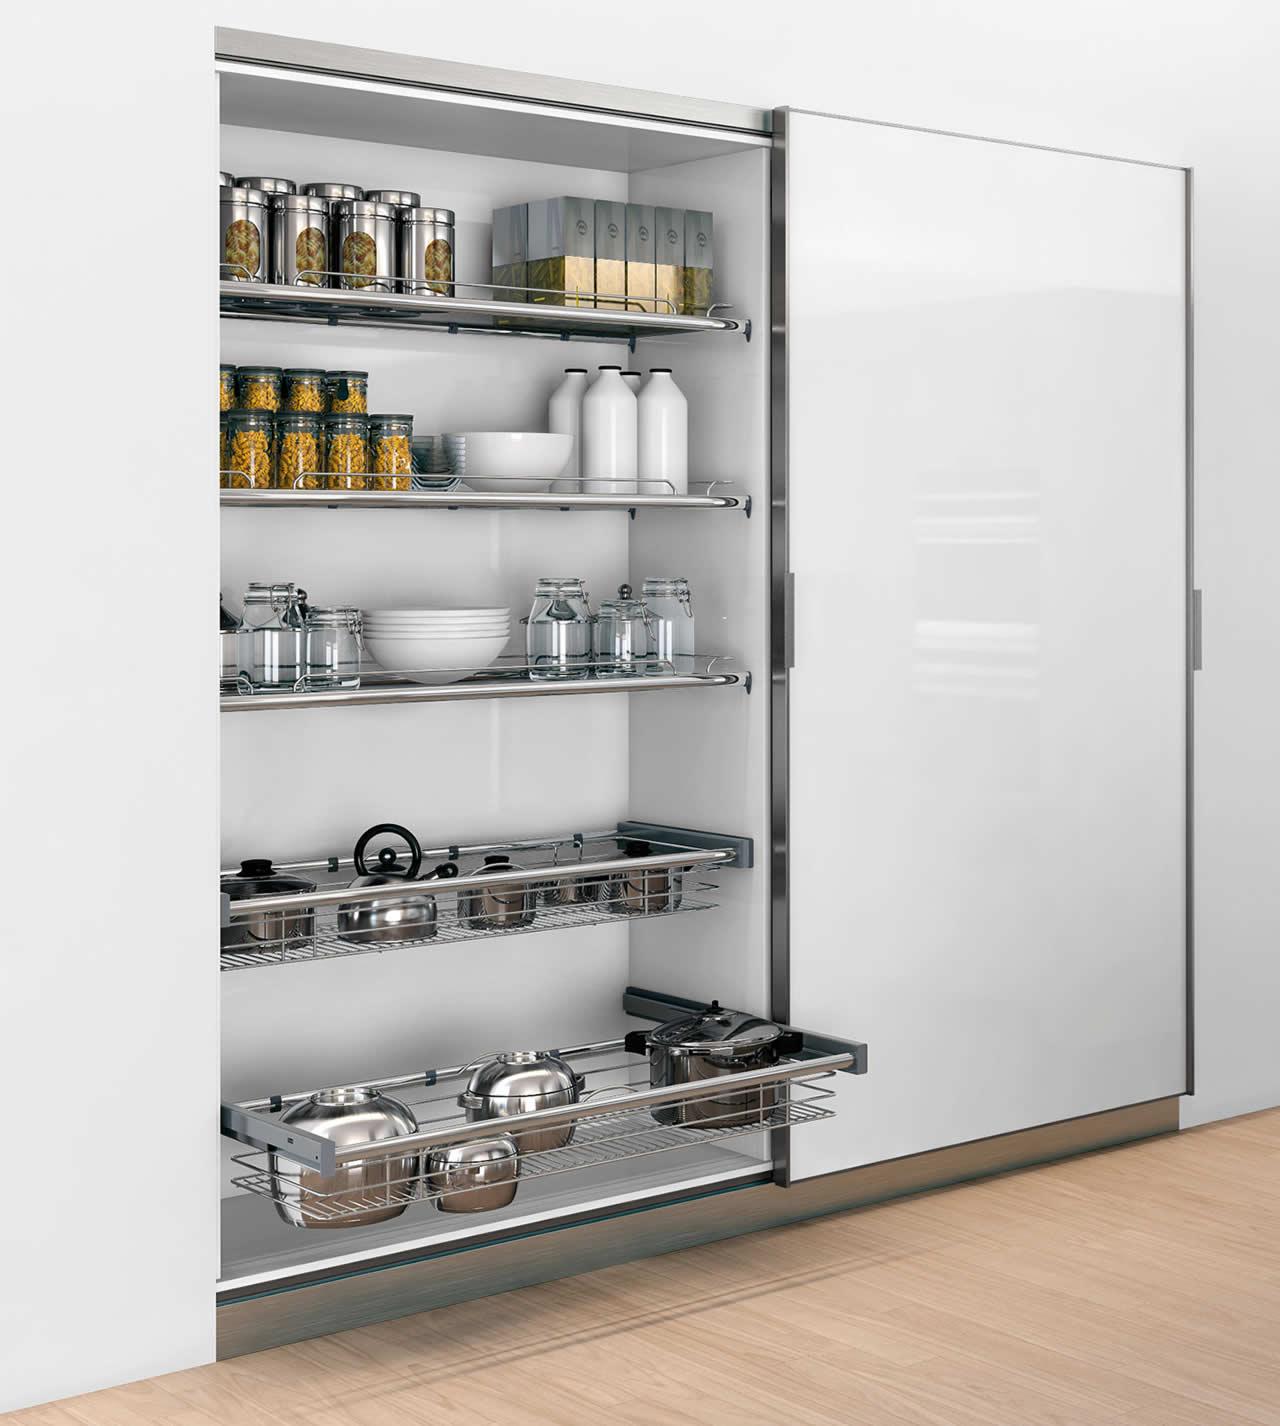 Sistema el ctrico para grandes puertas correderas for Puertas muebles de cocina ikea